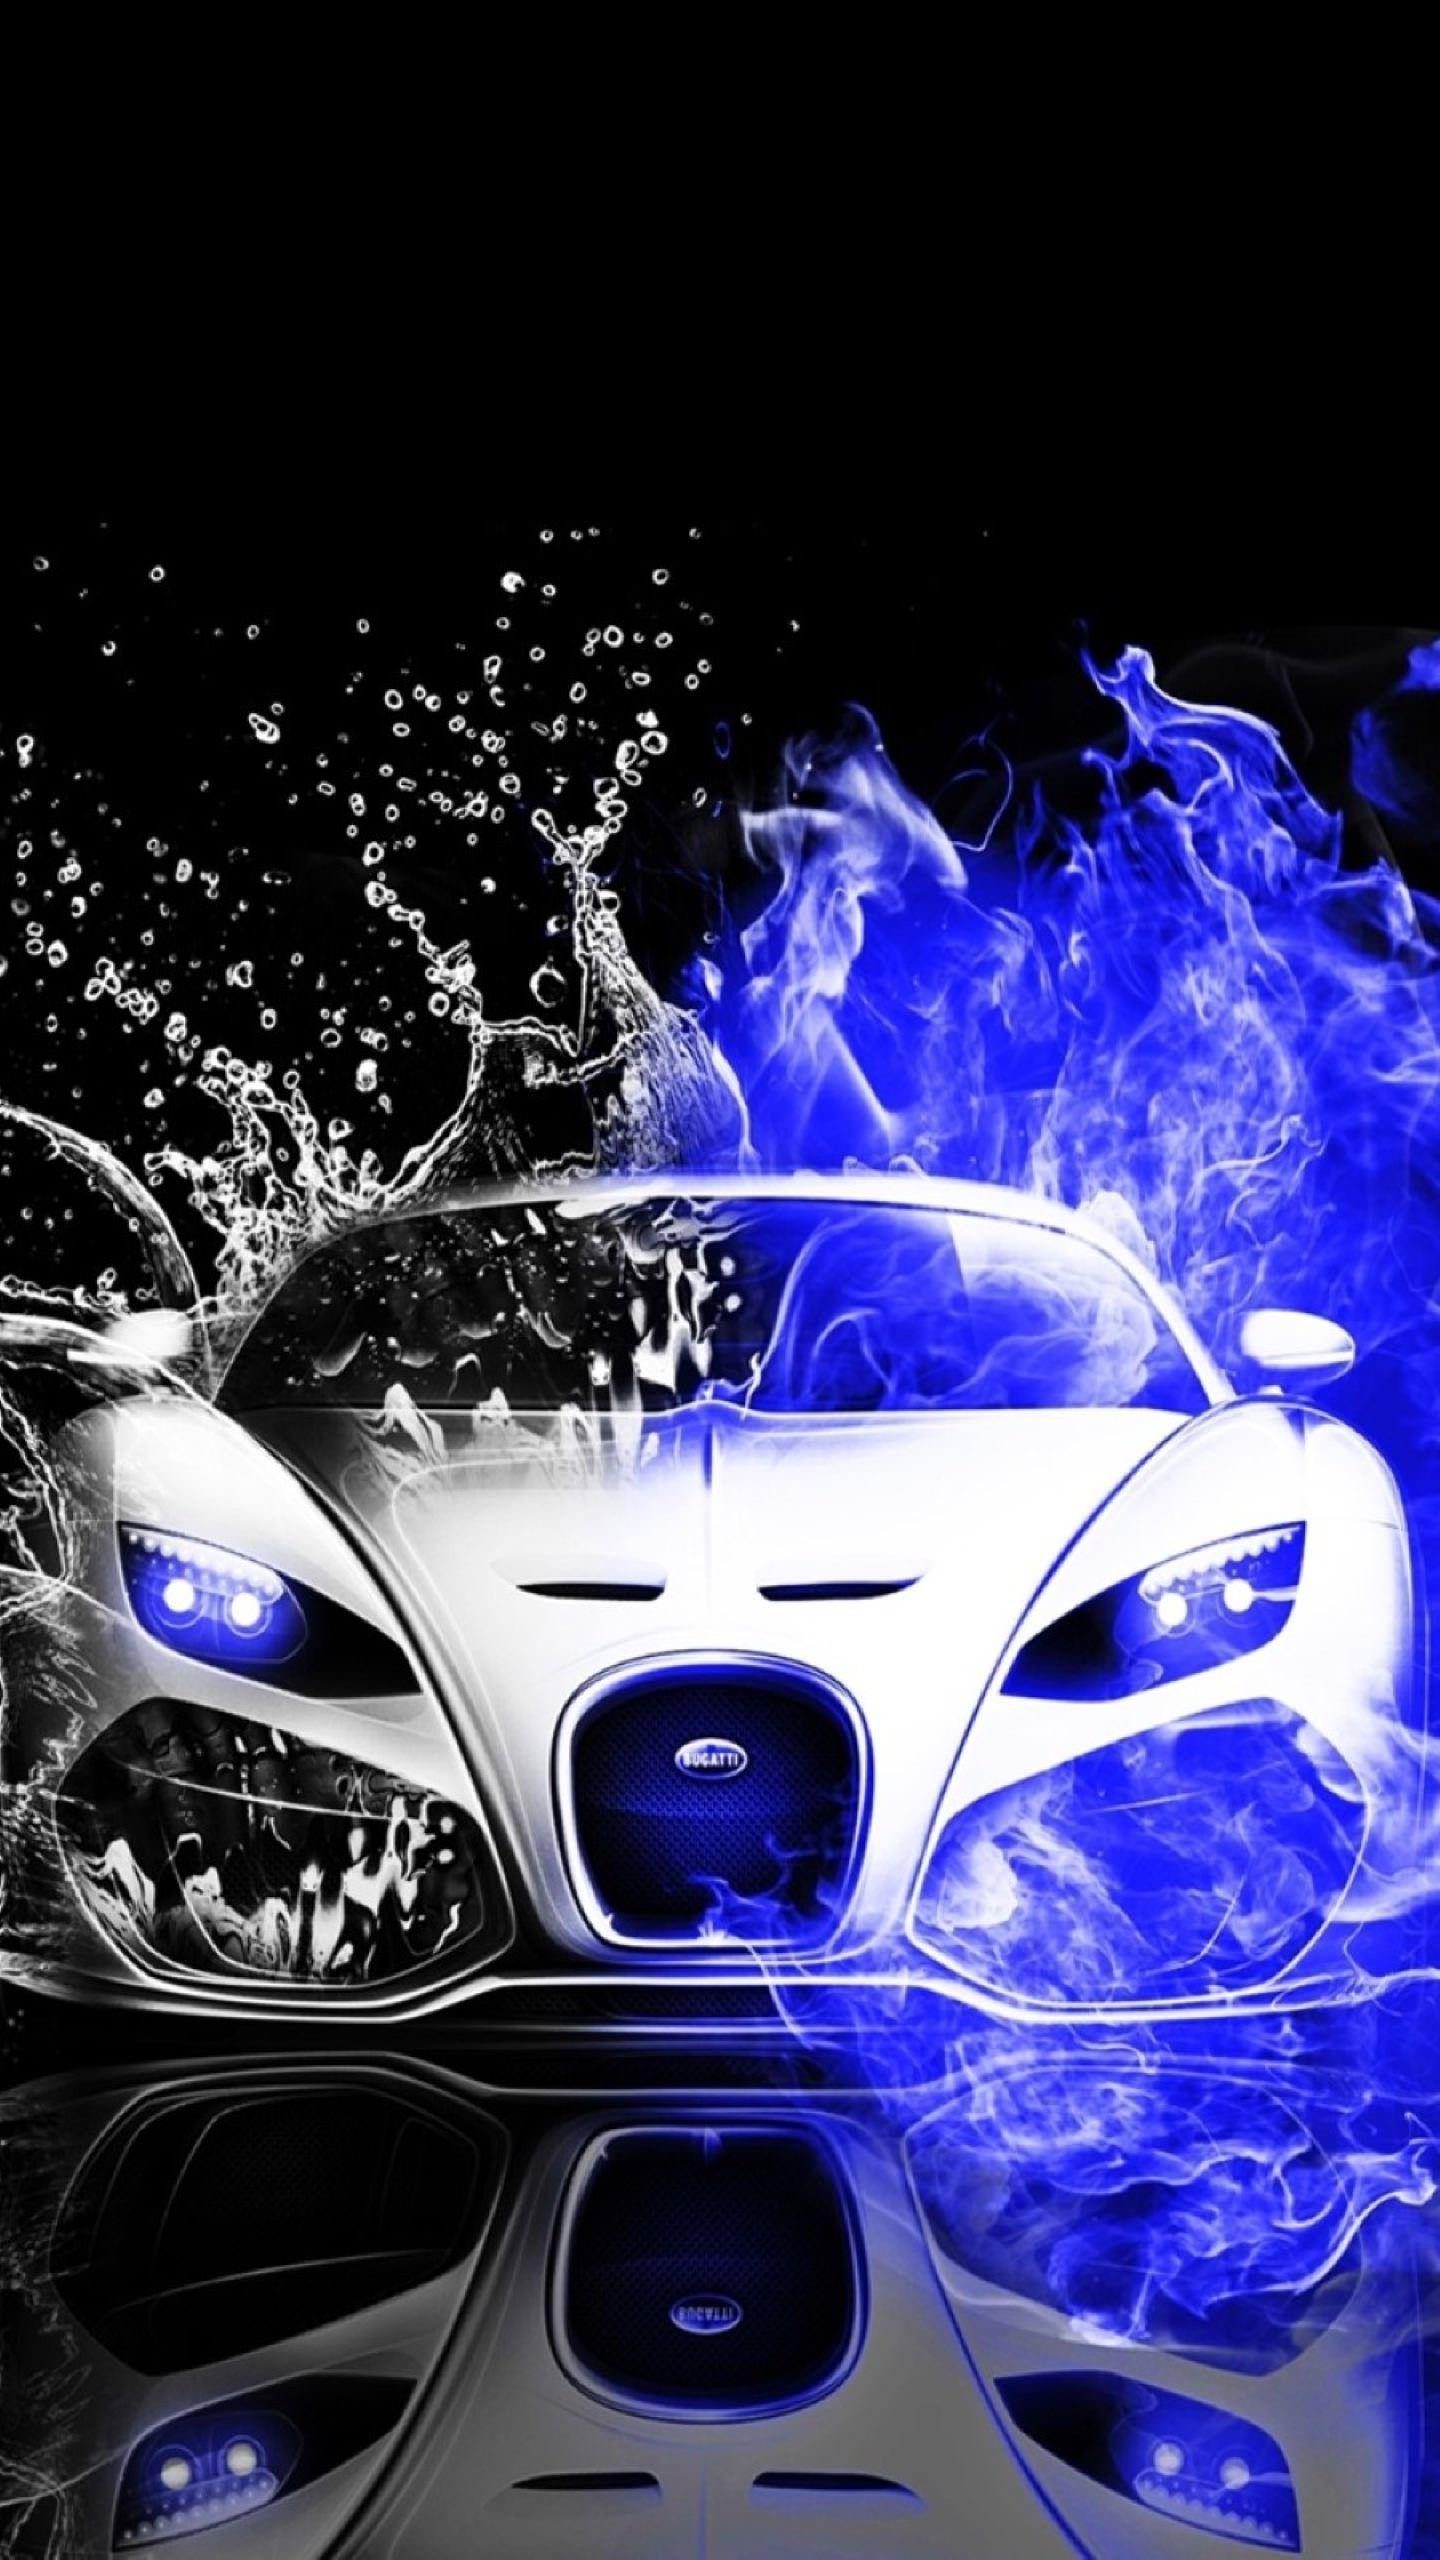 35 Gambar Wallpaper Mobil Keren Hd Android Terbaru 2020 Luxury Sports Cars Mobil Keren Mobil